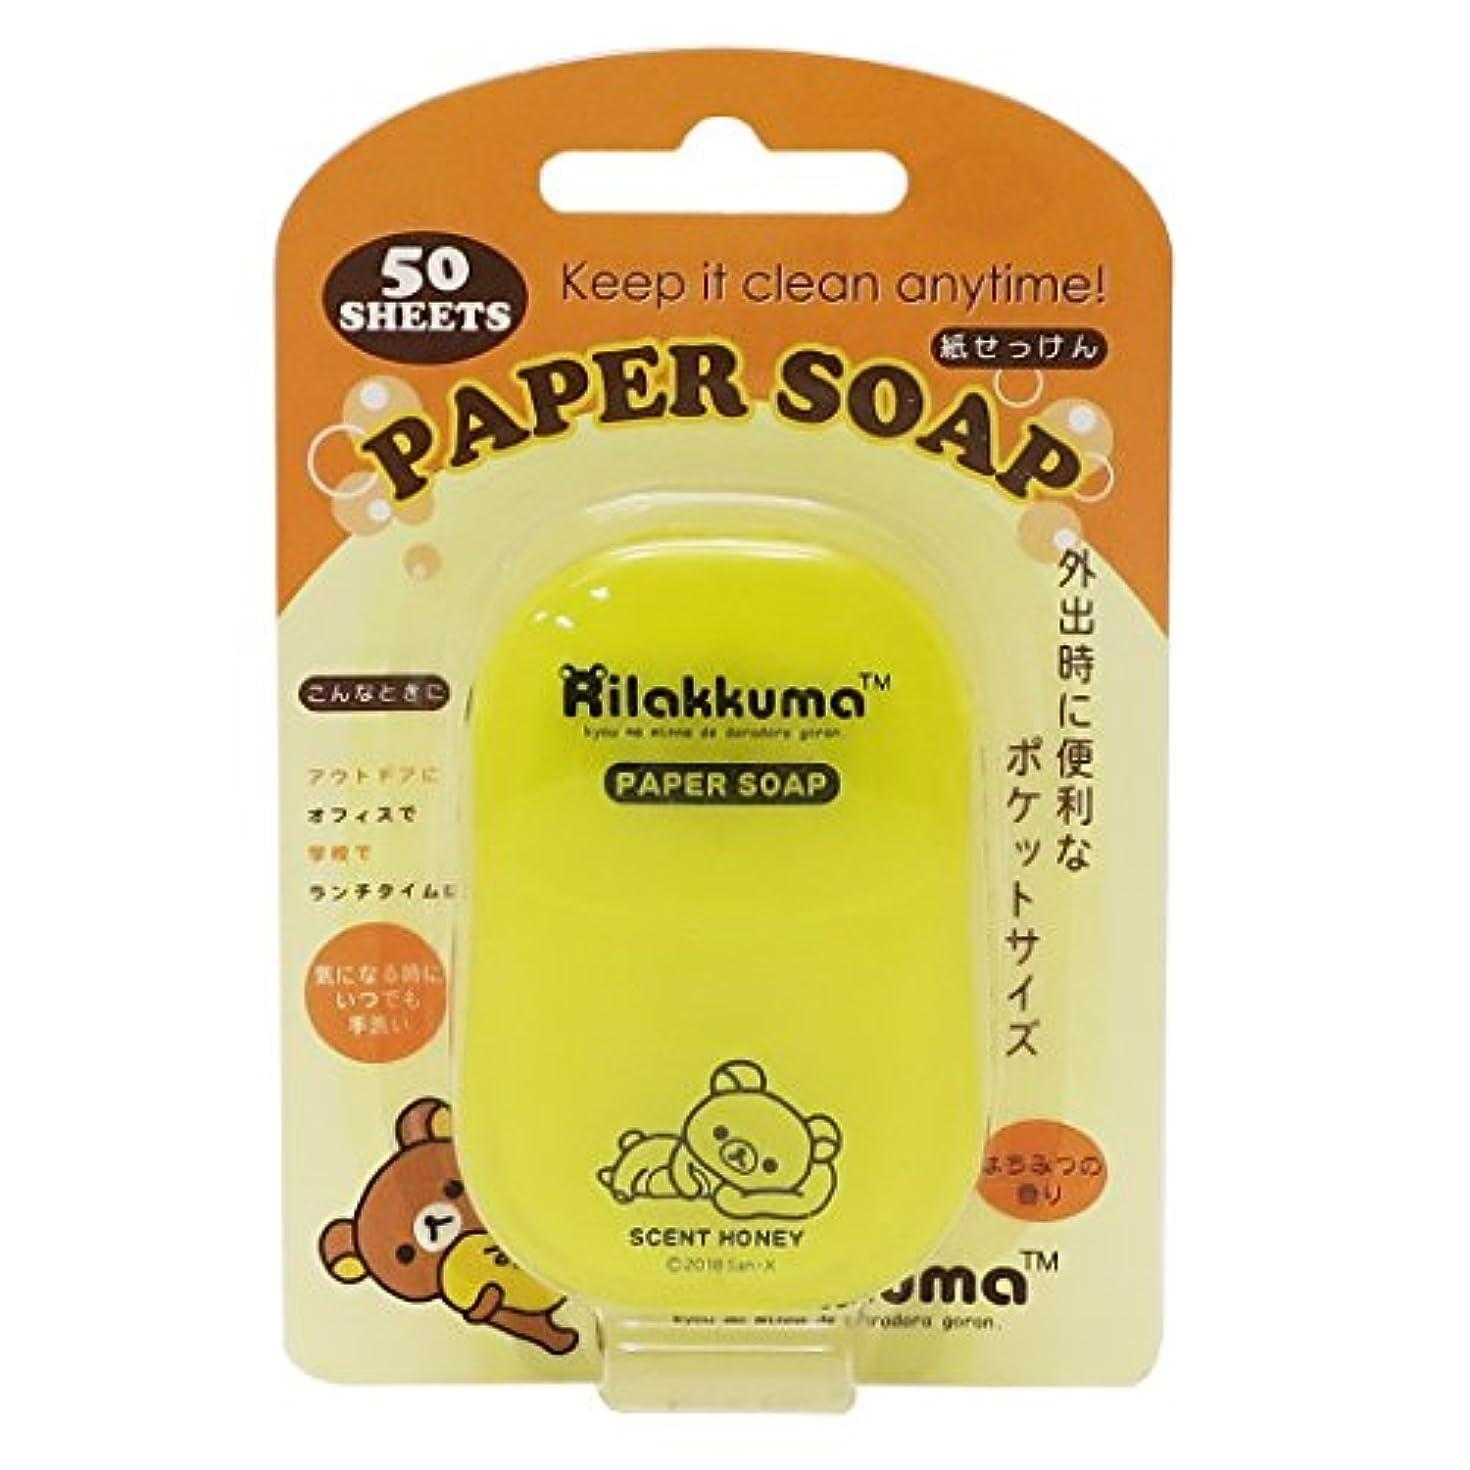 治療グリーンランドいわゆるリラックマ[衛生雑貨]紙せっけん50枚入り/はちみつの香り サンエックス